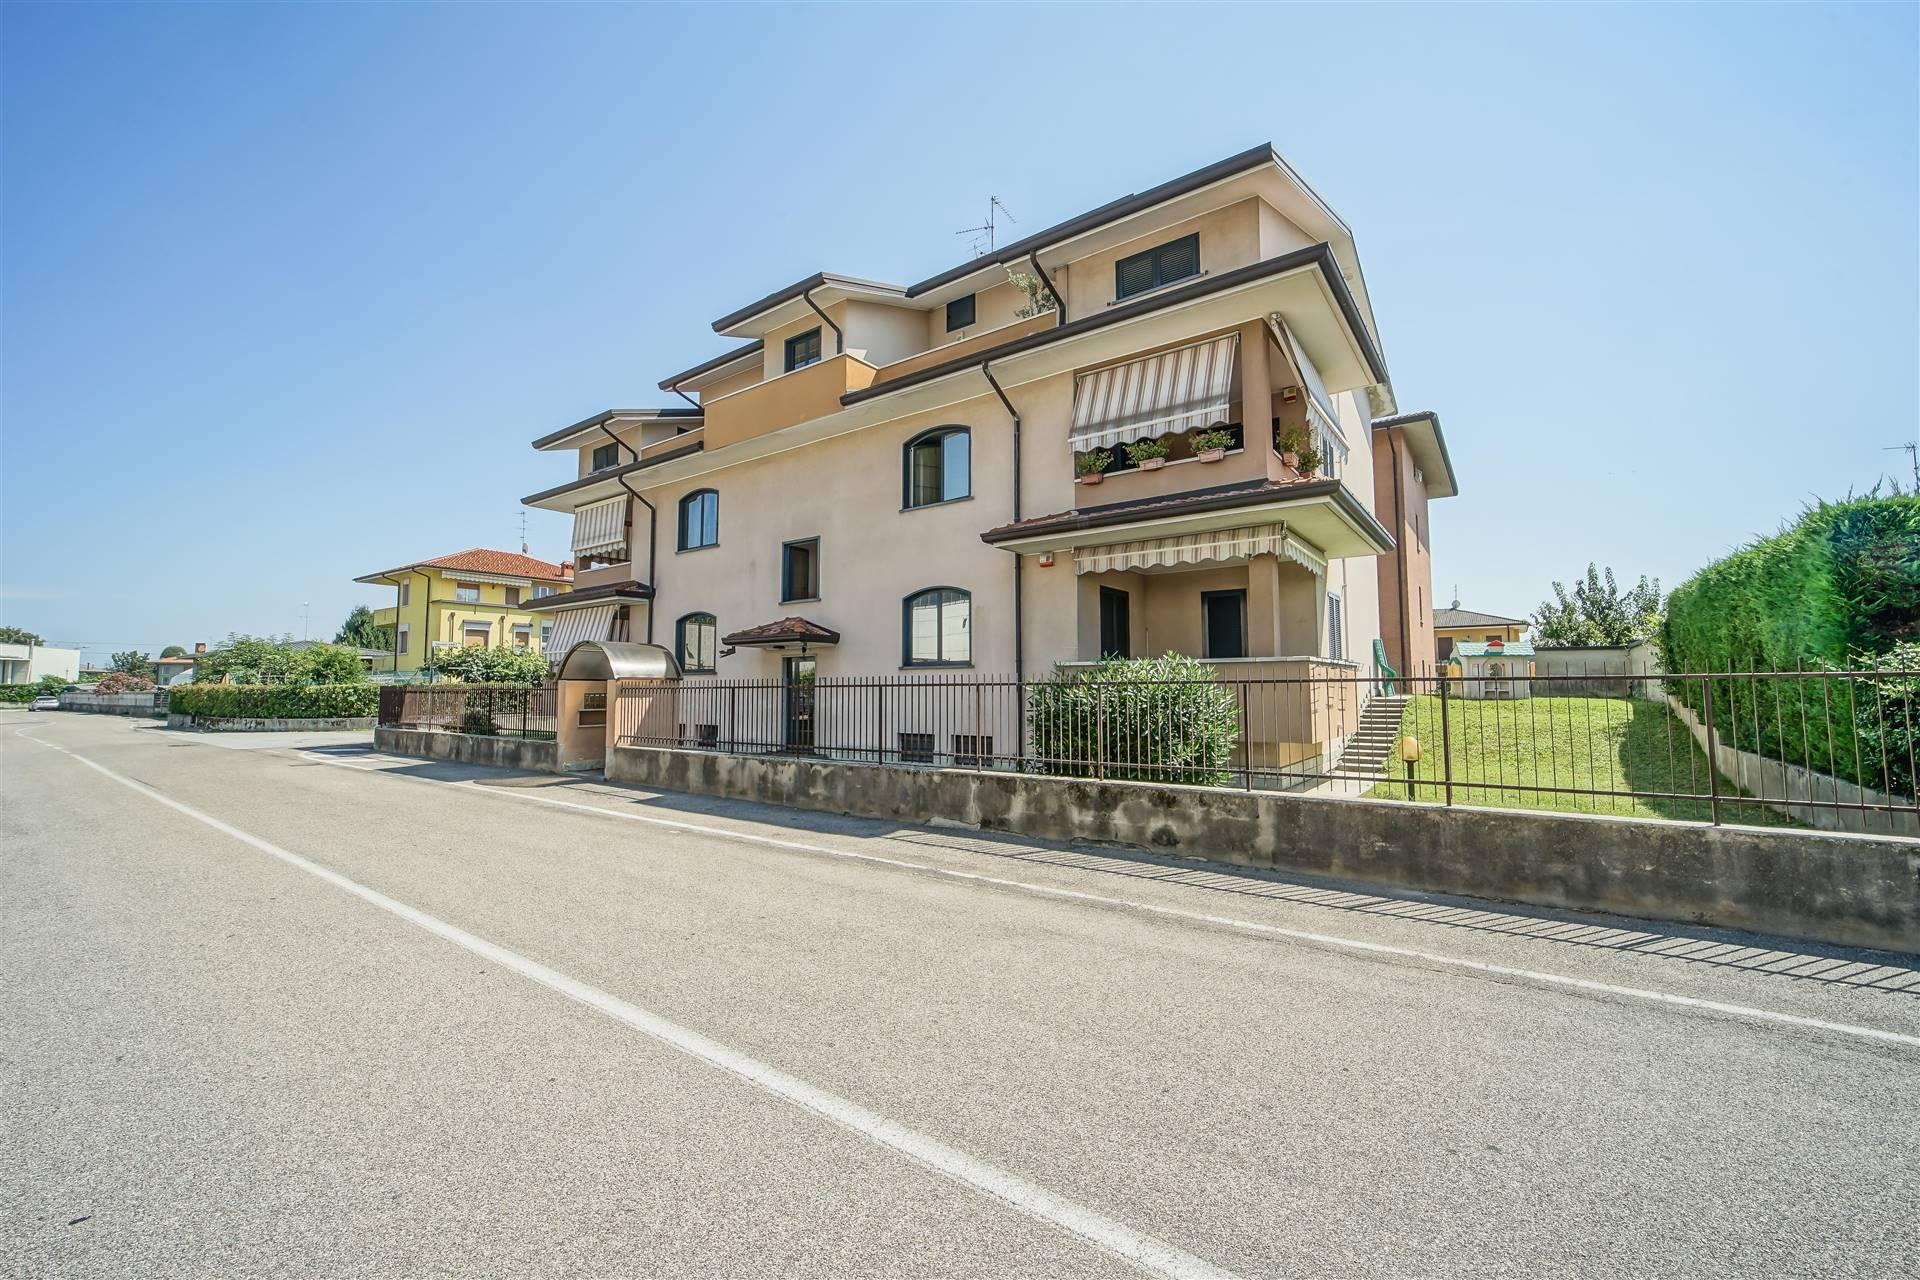 Appartamento in vendita a Giussano, 3 locali, prezzo € 195.000 | CambioCasa.it